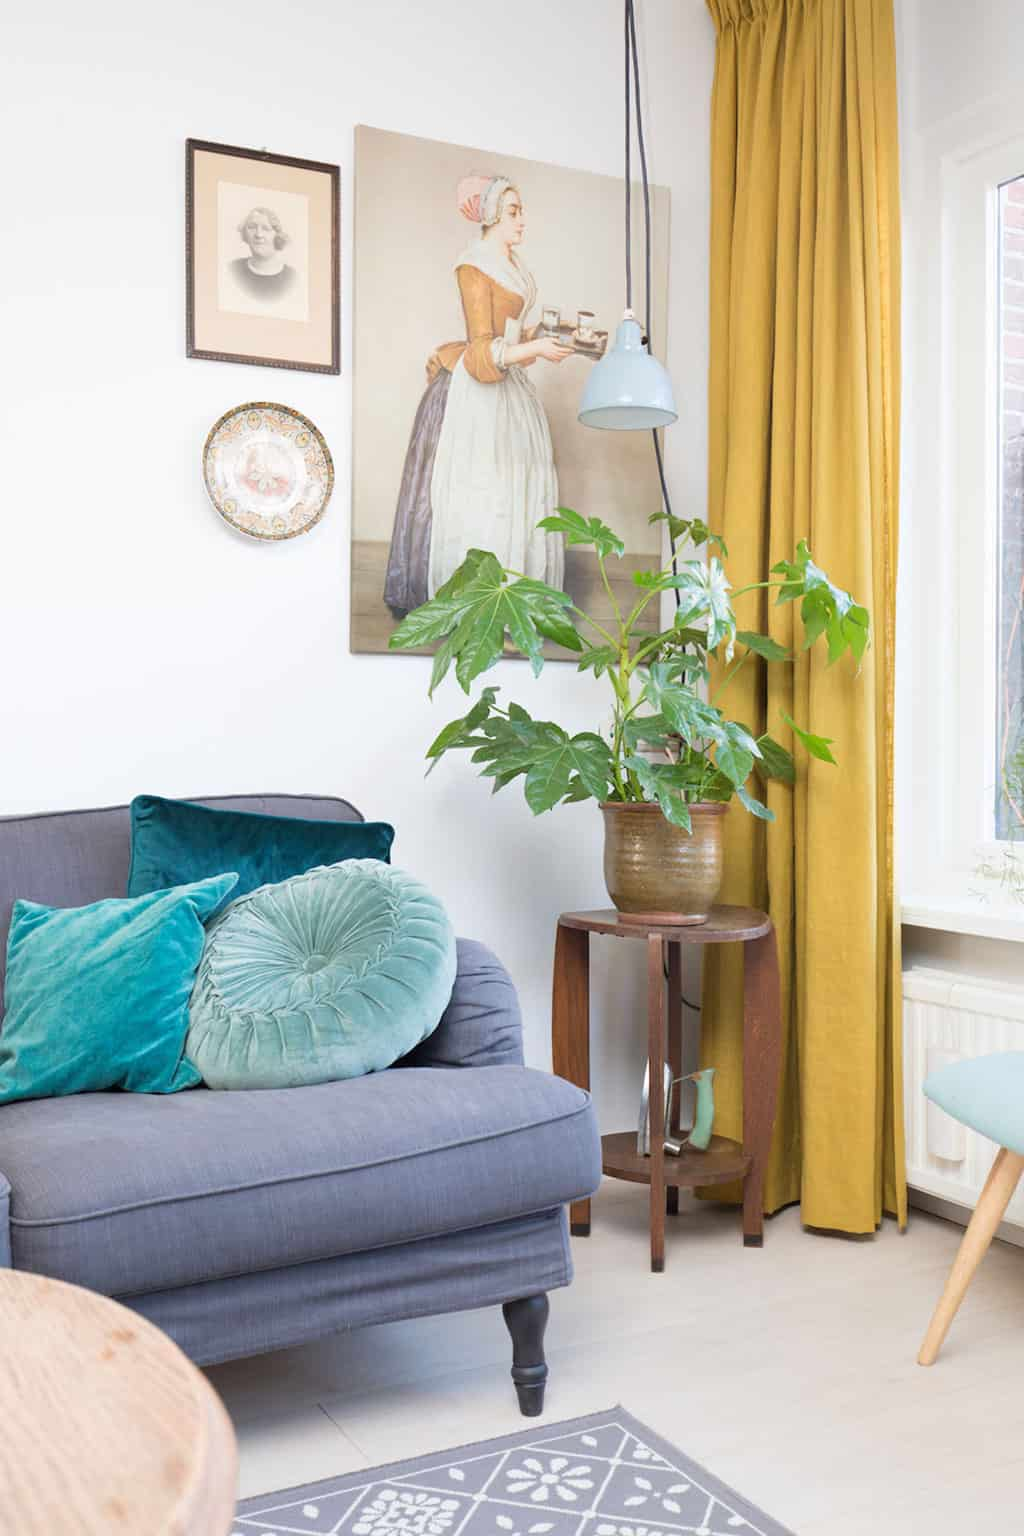 kleuren combineren: warm/koel contrast